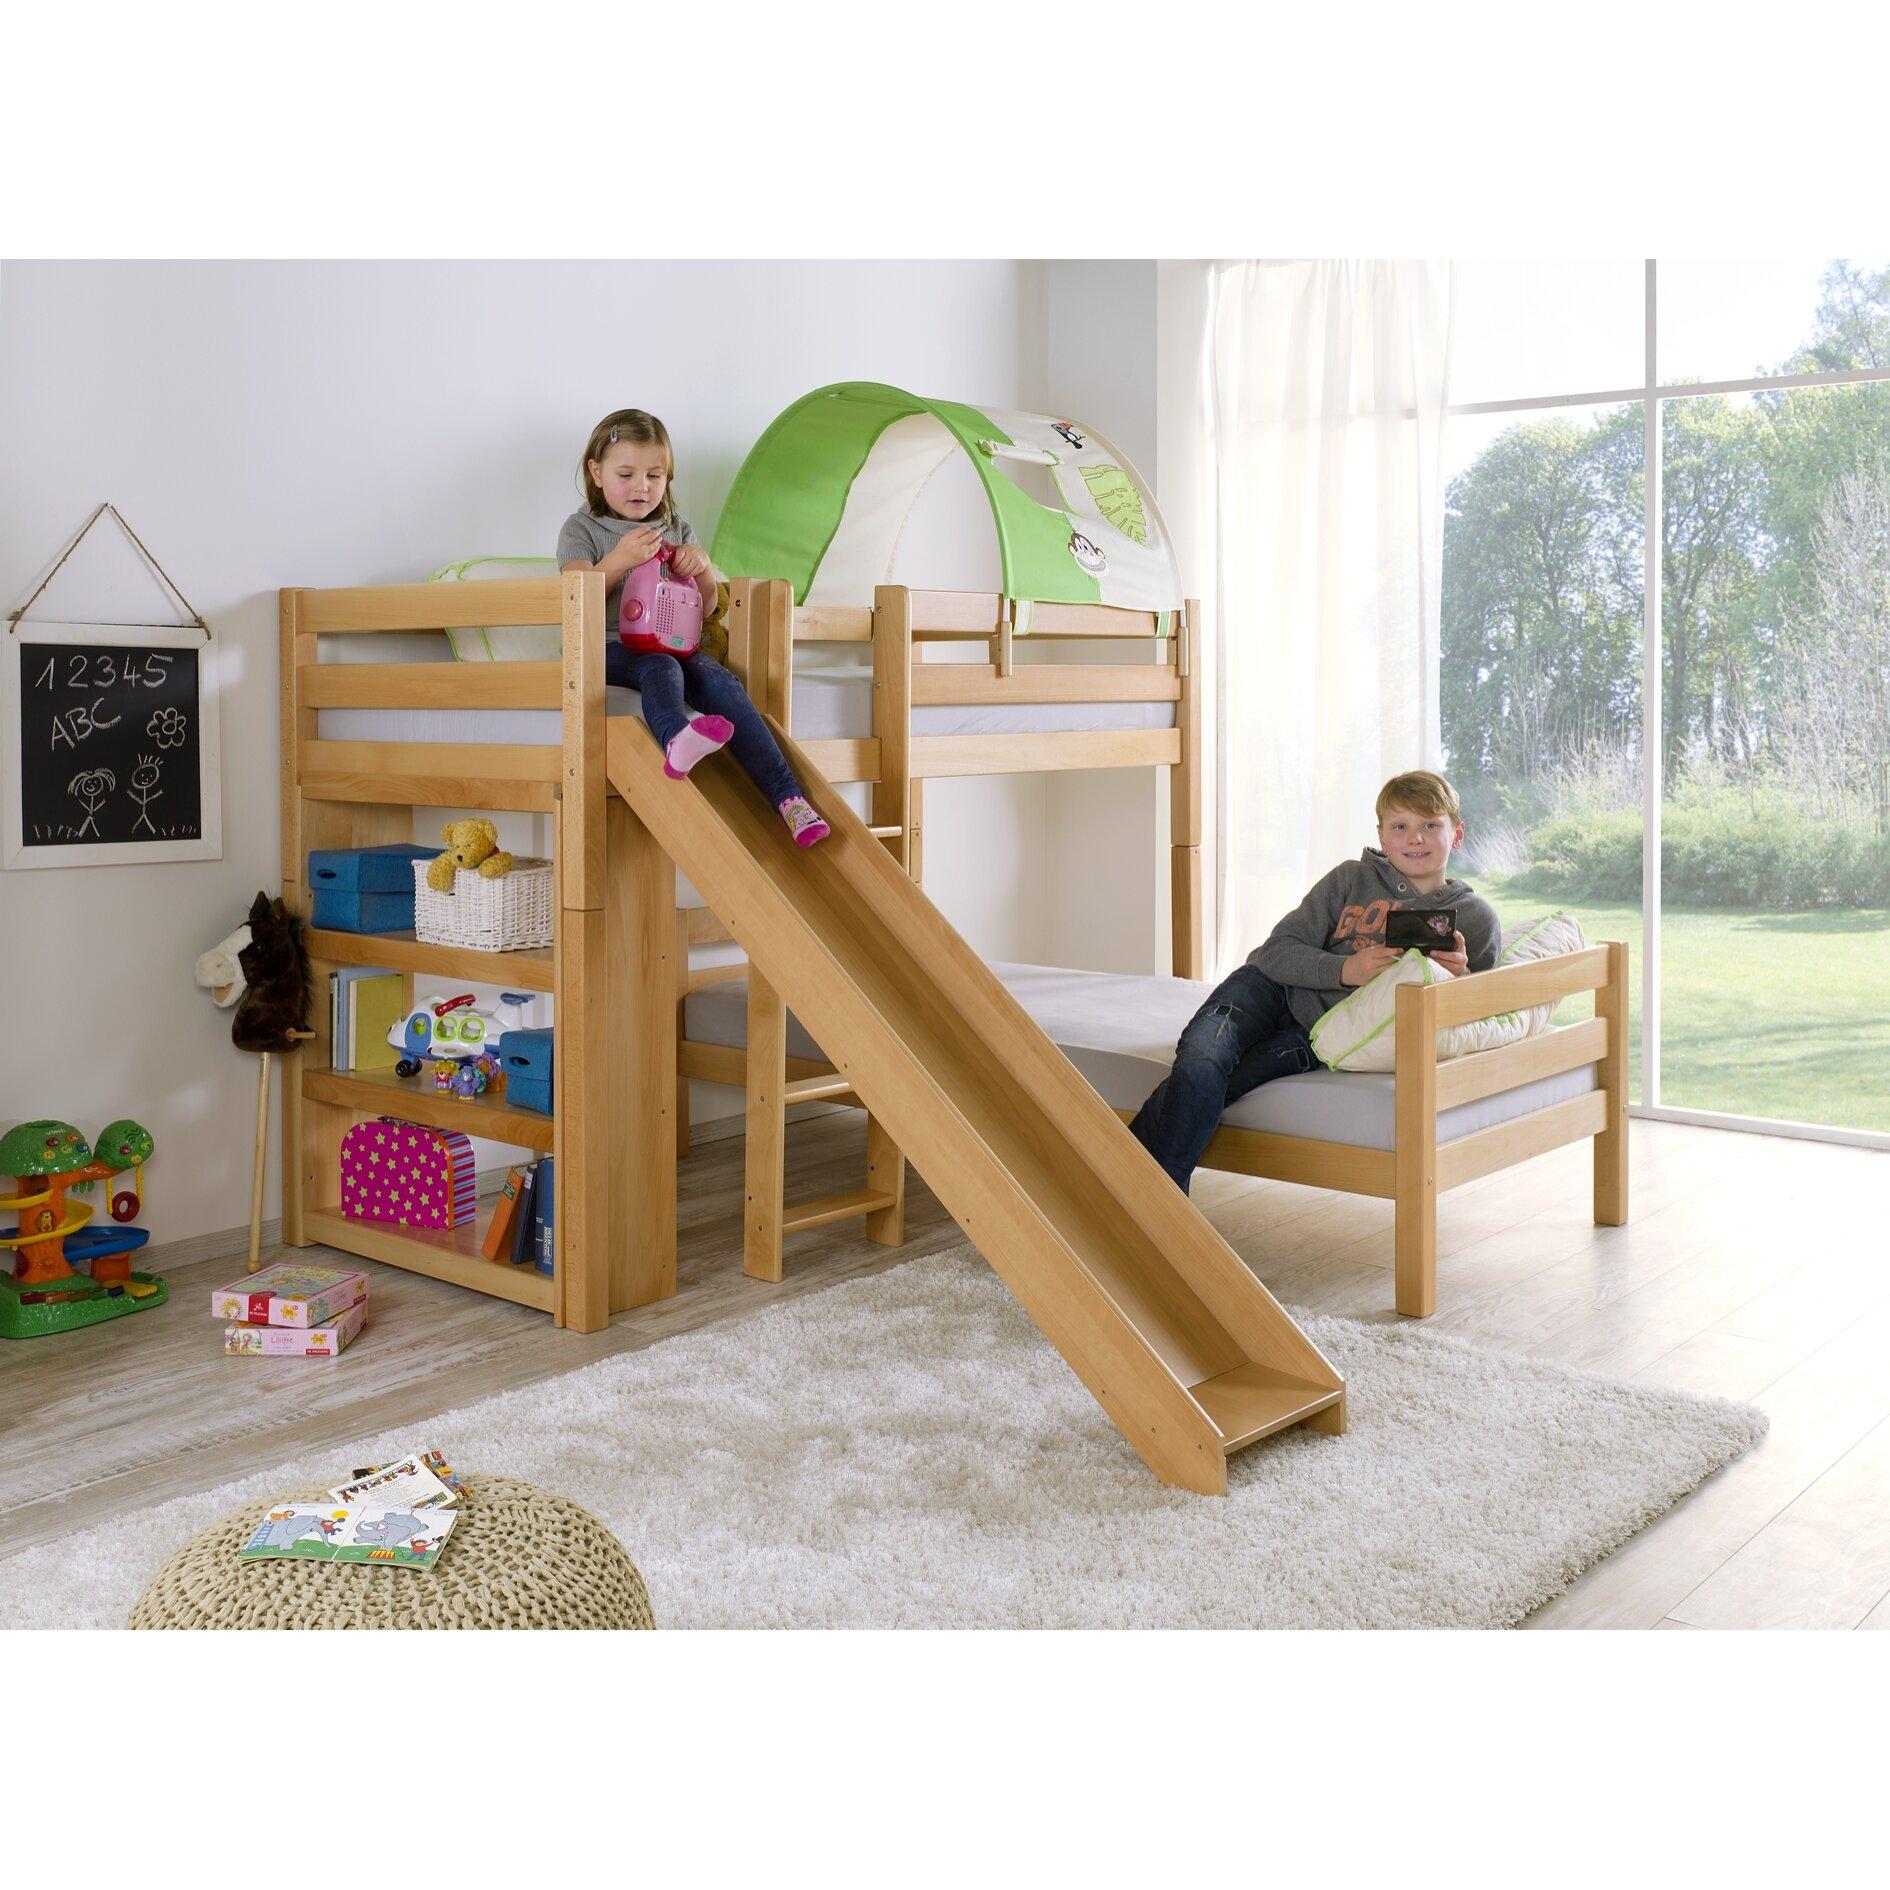 sch ne etagenbett mit rutsche bild erindzain. Black Bedroom Furniture Sets. Home Design Ideas